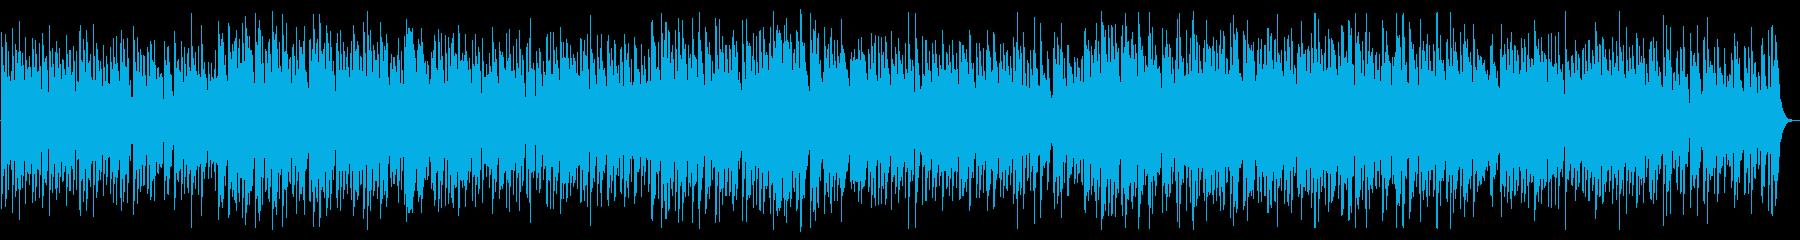 マンボから発展したチャチャチャのサウンドの再生済みの波形